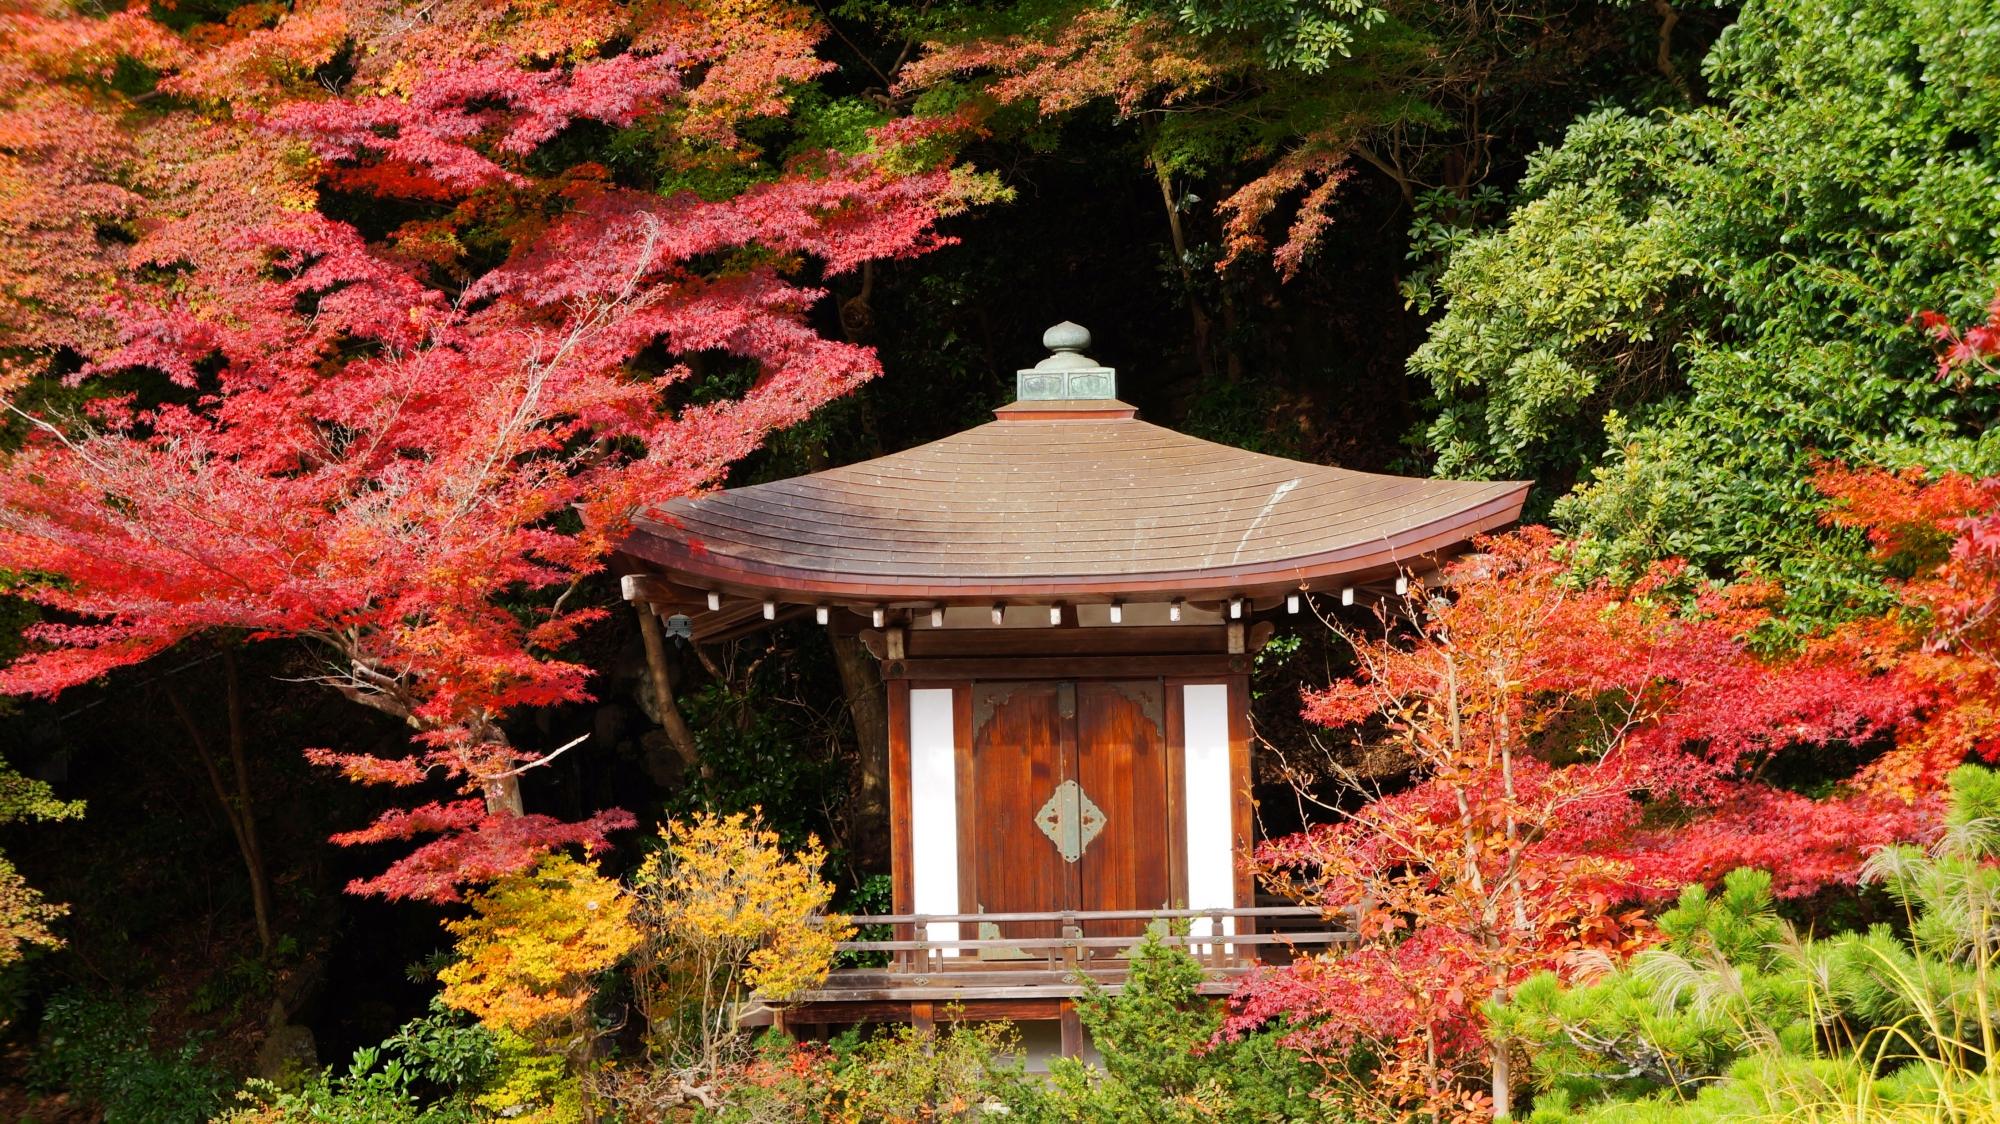 多彩な紅葉の中で凛として佇む小さなお堂